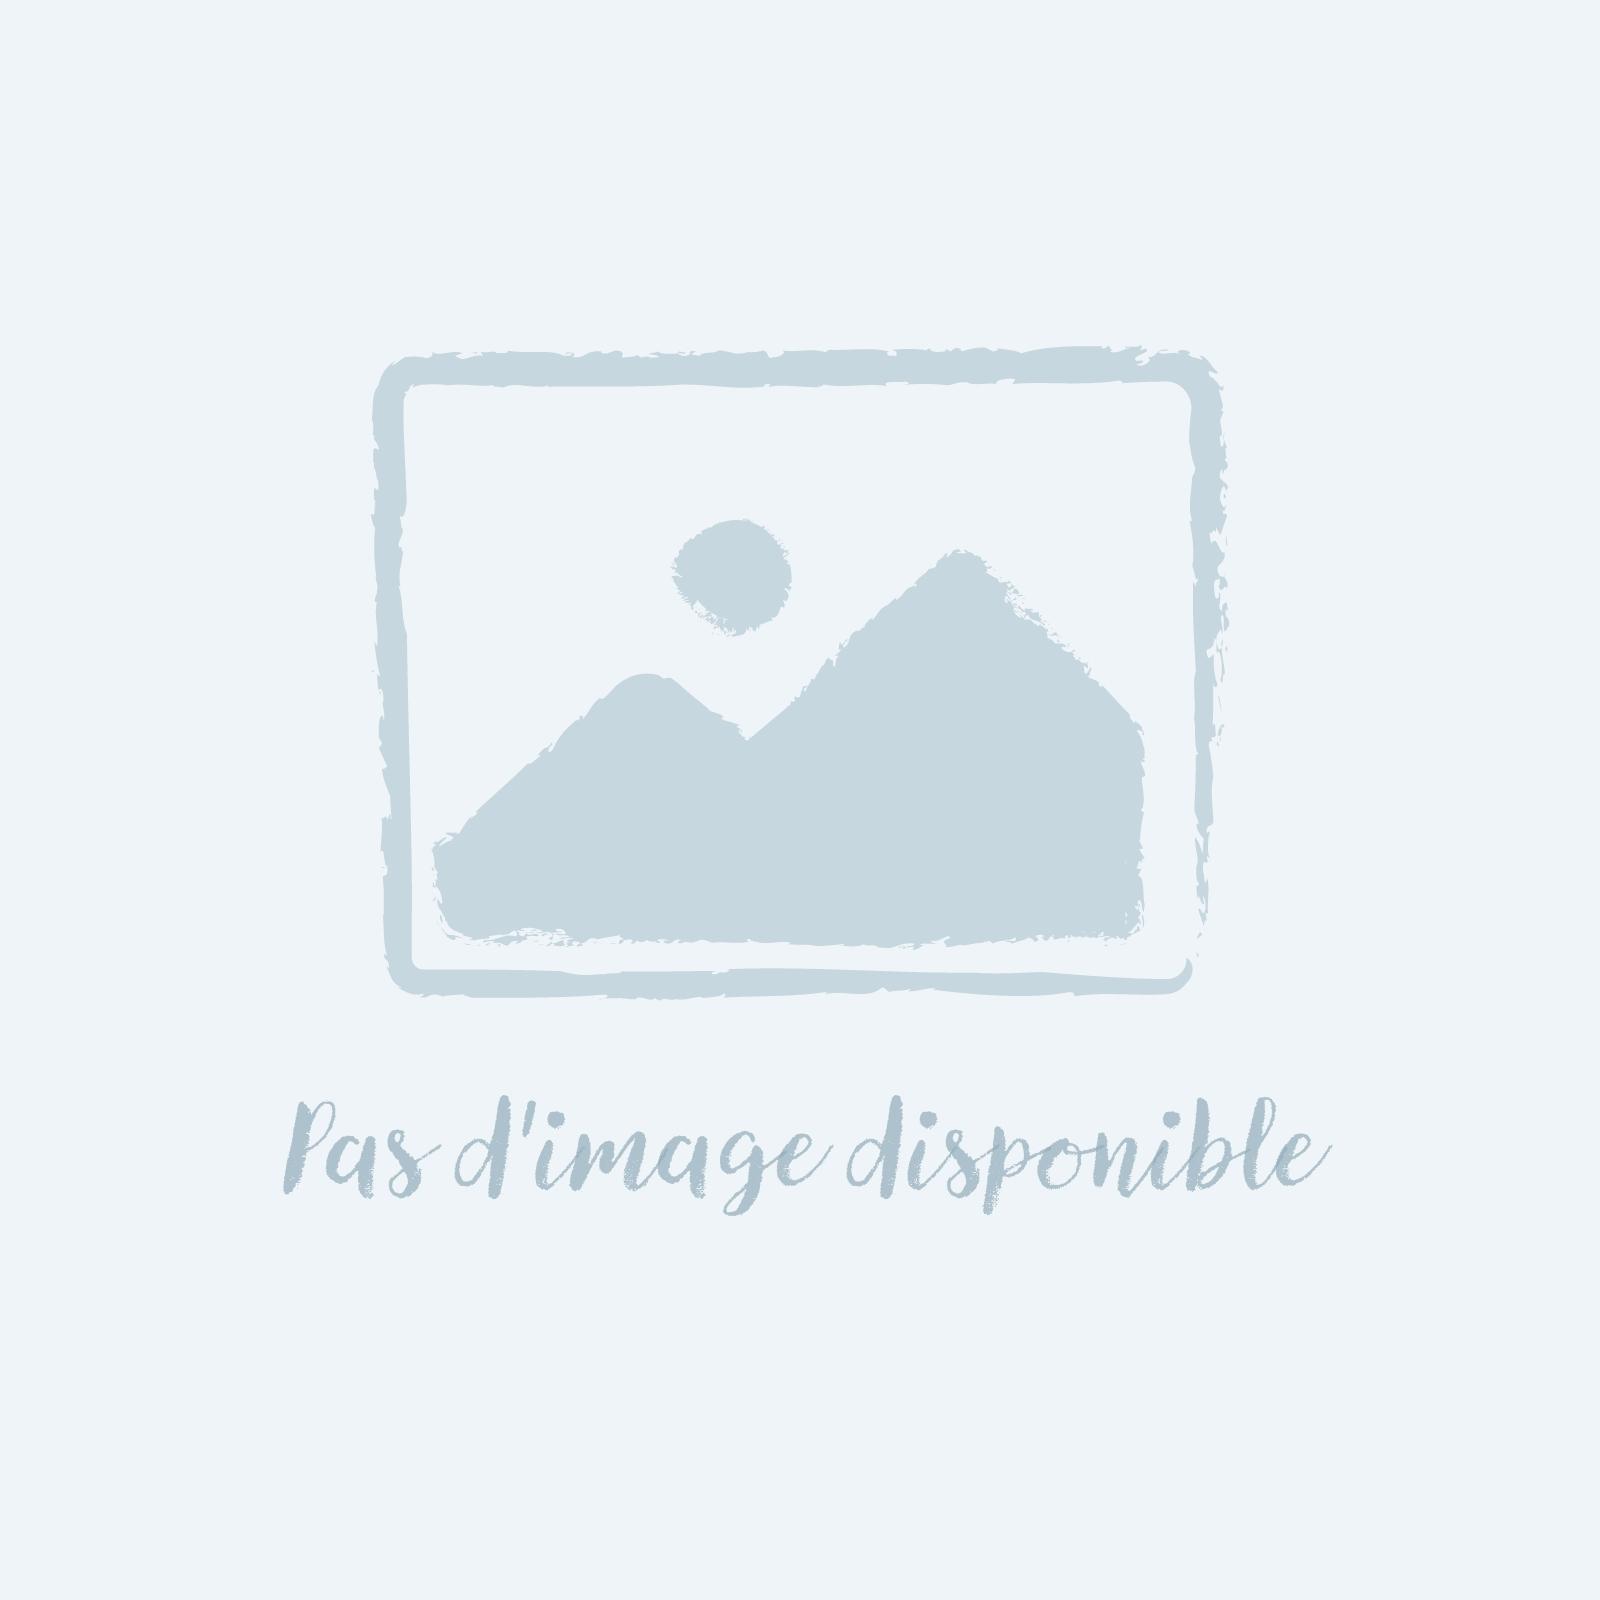 """Gerflor Creation 55 Clic """"0846 Swiss oak pearl"""" - Photo dézoomée - Lame PVC clipsable"""